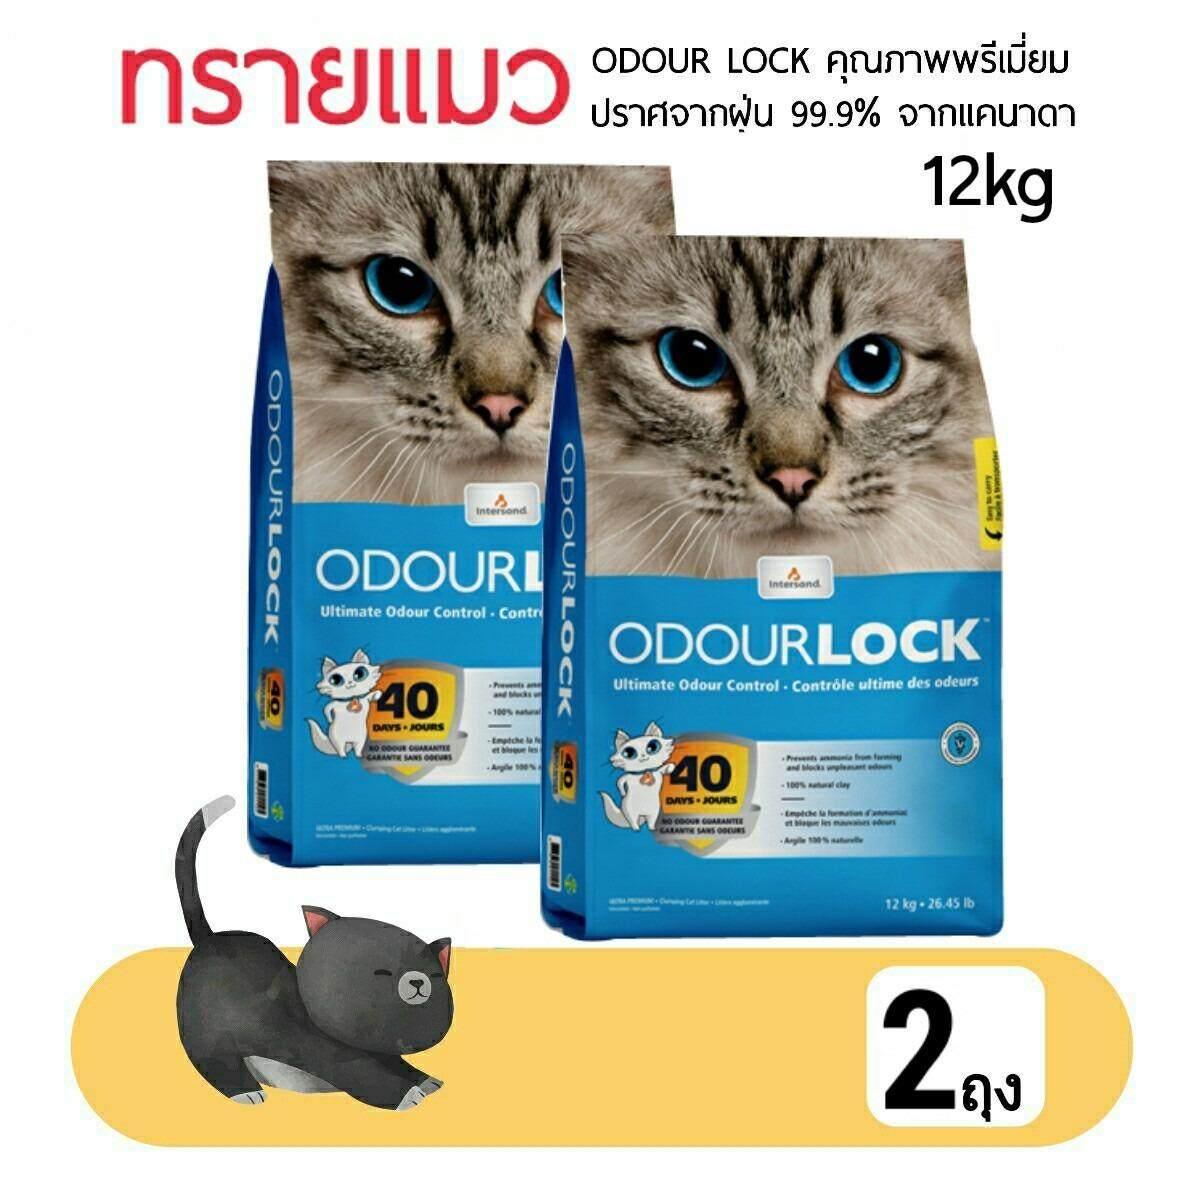 ส่วนลด 2 ถุง Odour Lock ทรายแมว คุณภาพพรีเมียม ปราศจากฝุ่น 99 99 ขนาด 12Kg Odour Lock ใน กรุงเทพมหานคร